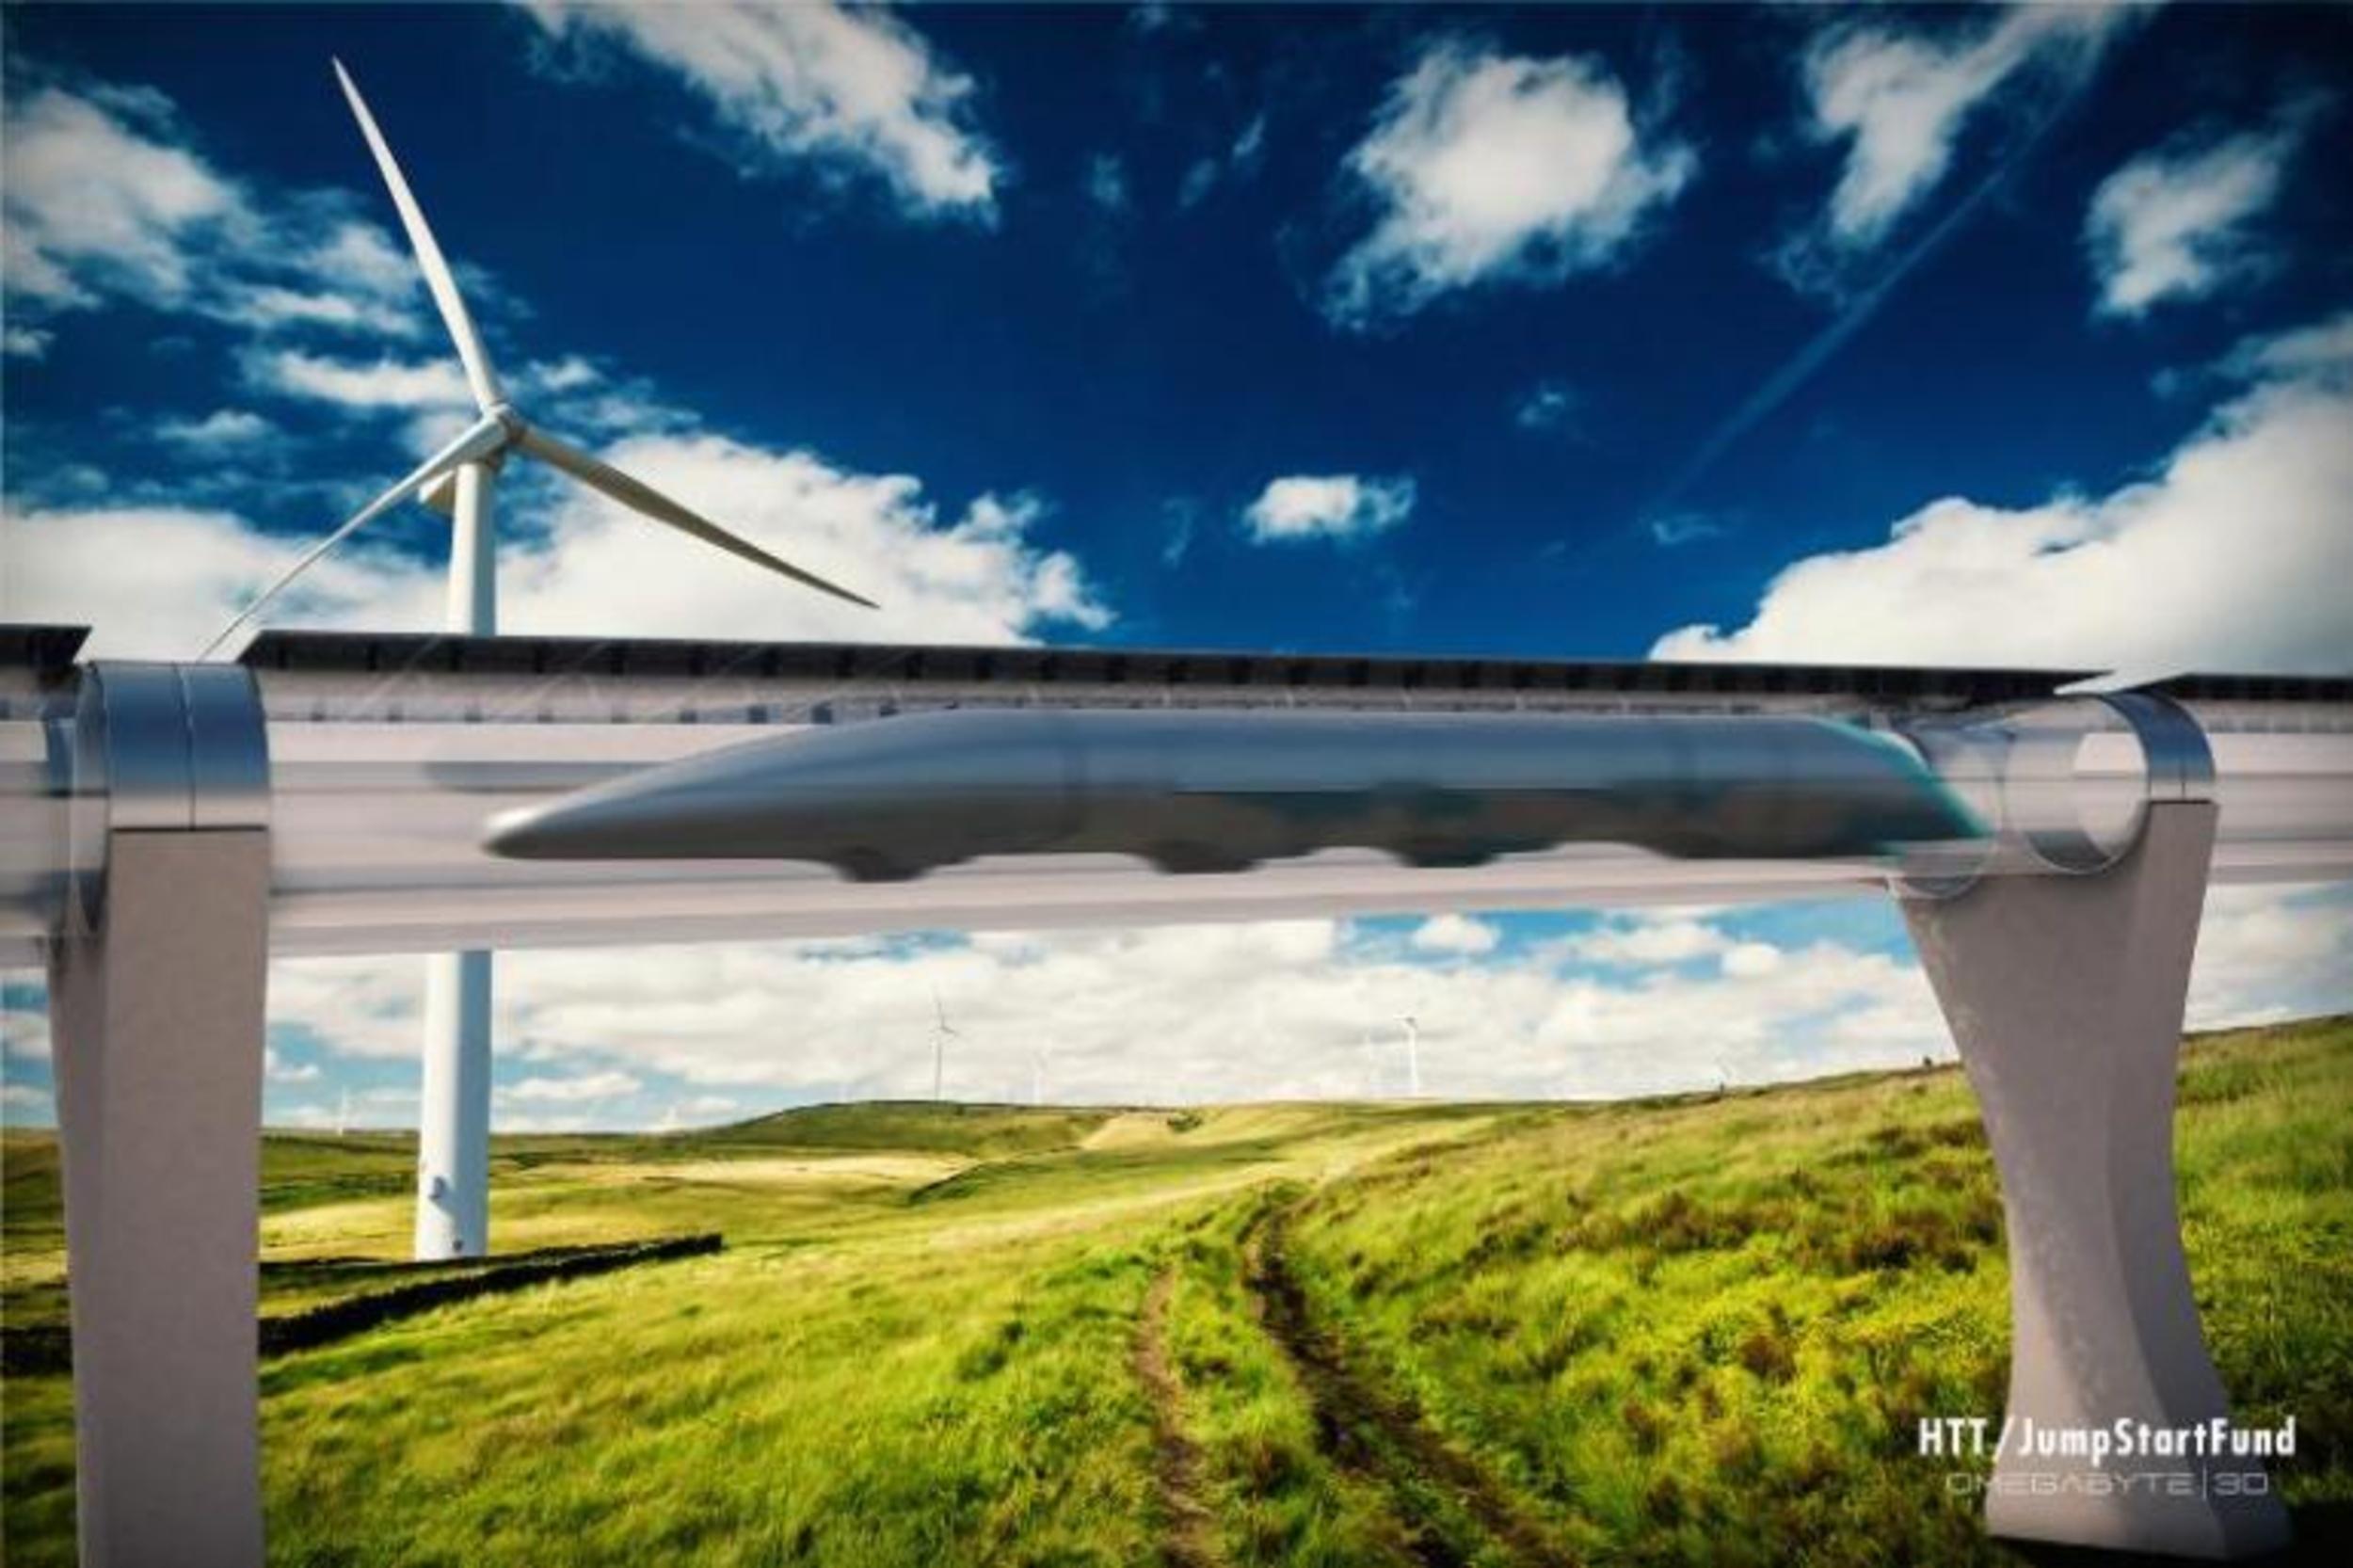 xgsm1w8qtpq6z8s69iit_hyperloop